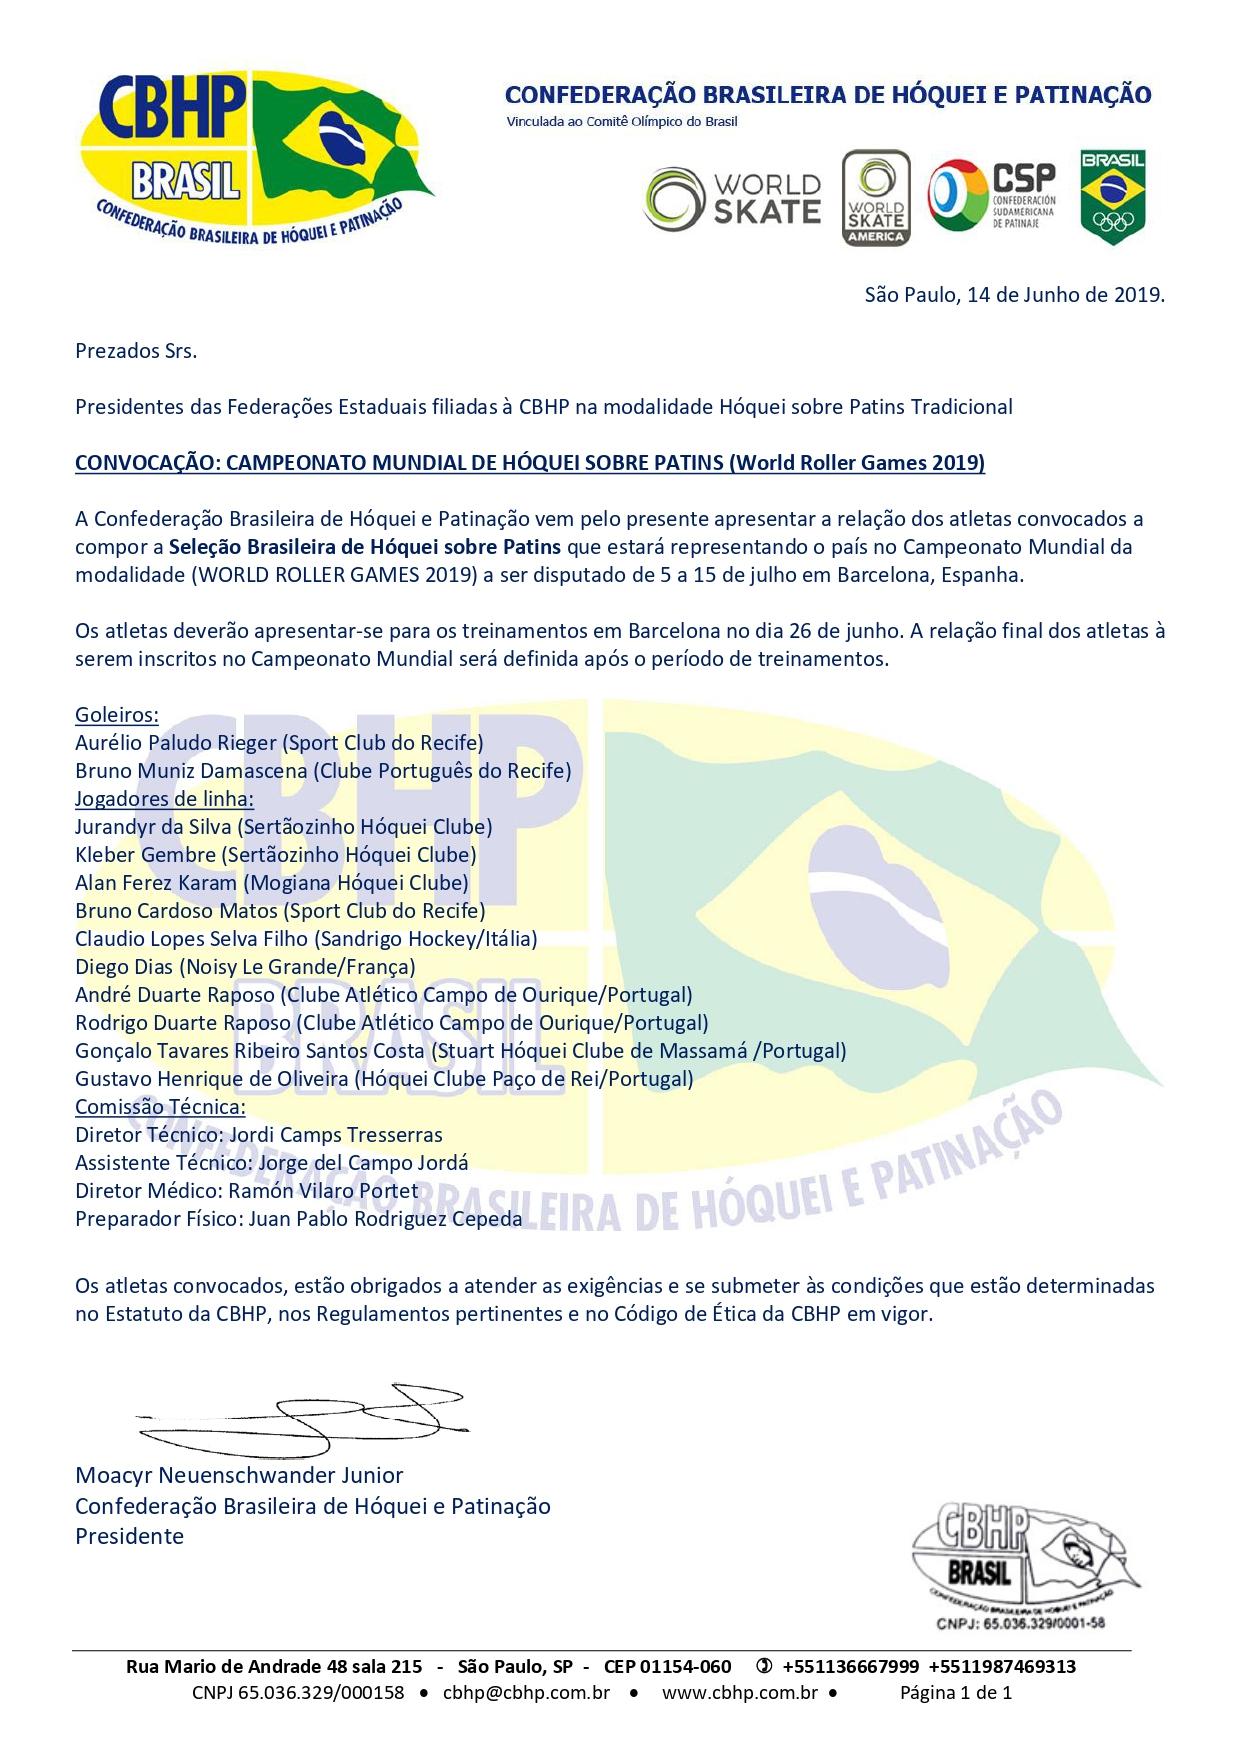 Convocação Hóquei Tradicional Mundial 2019